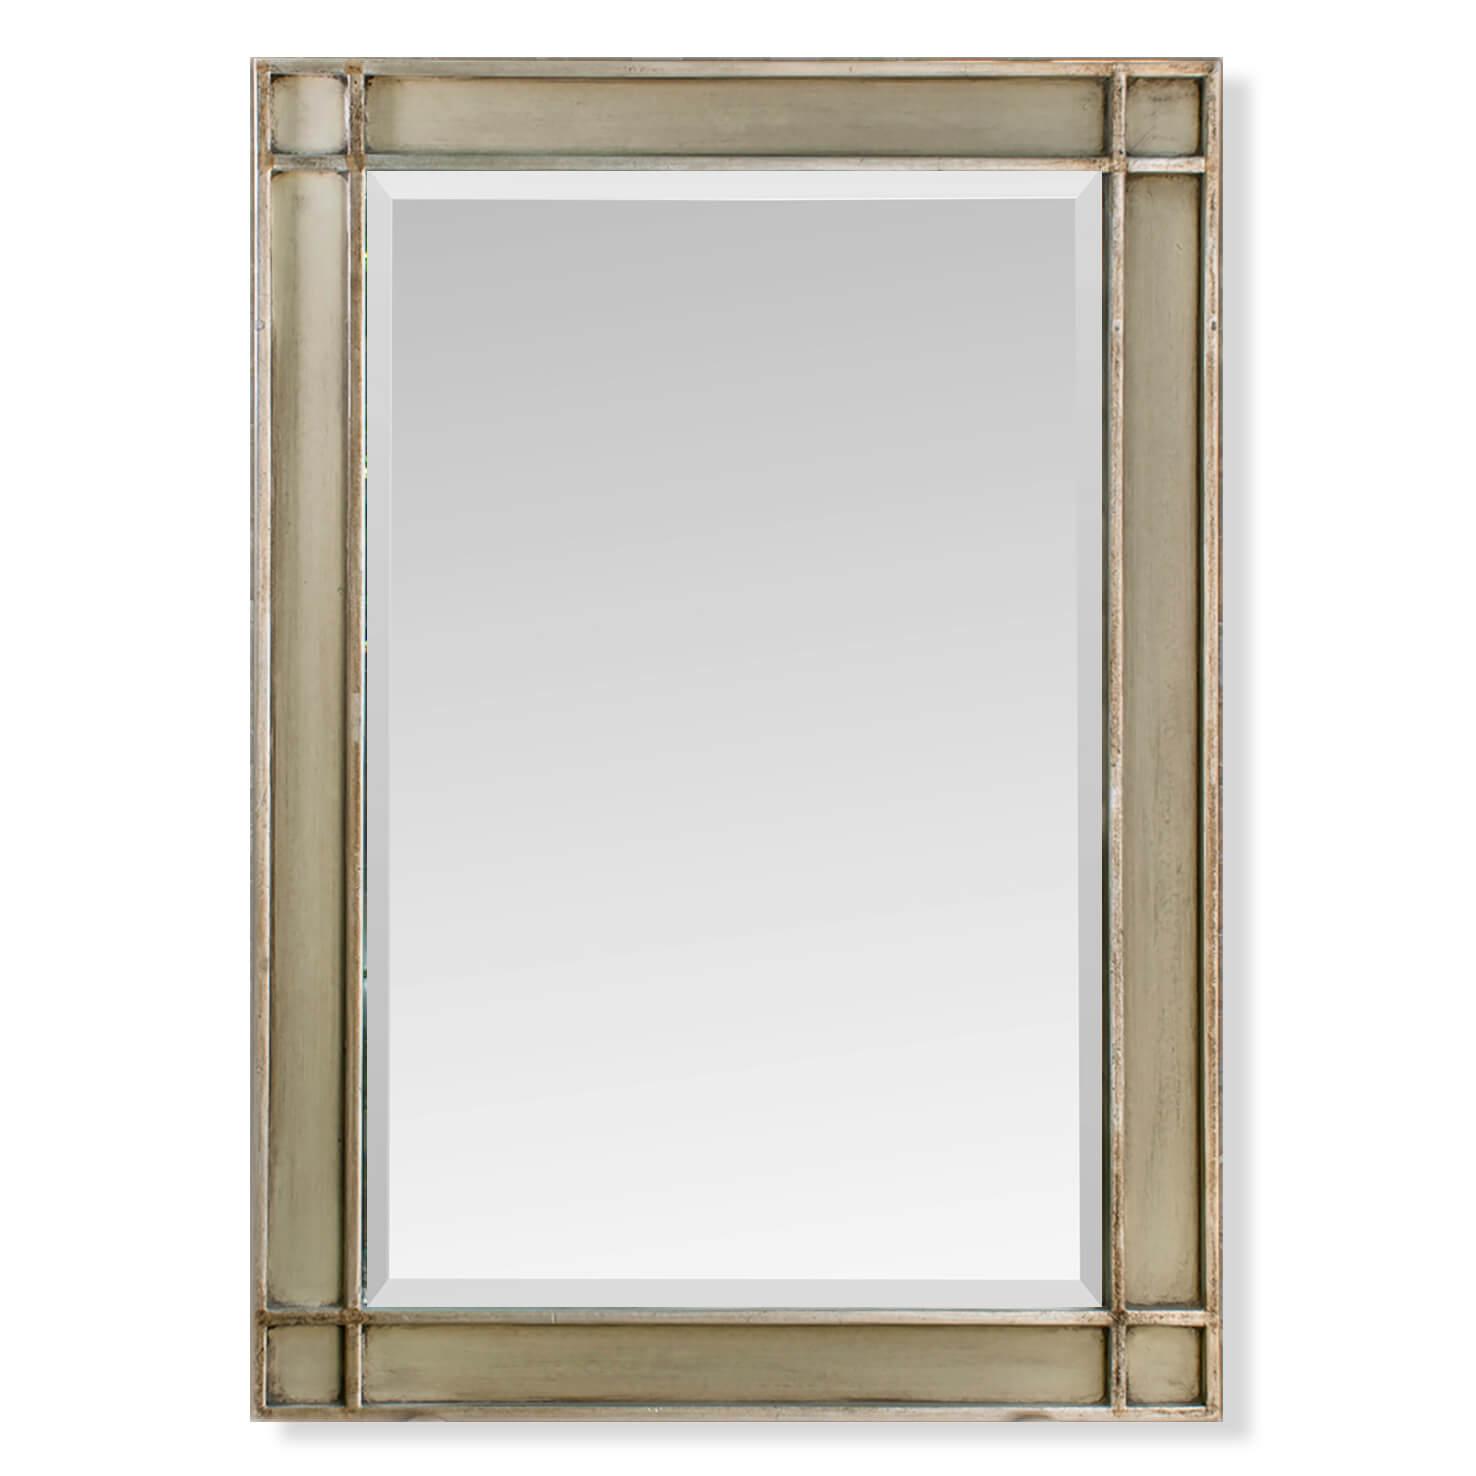 Maynard Contemporary Mirror